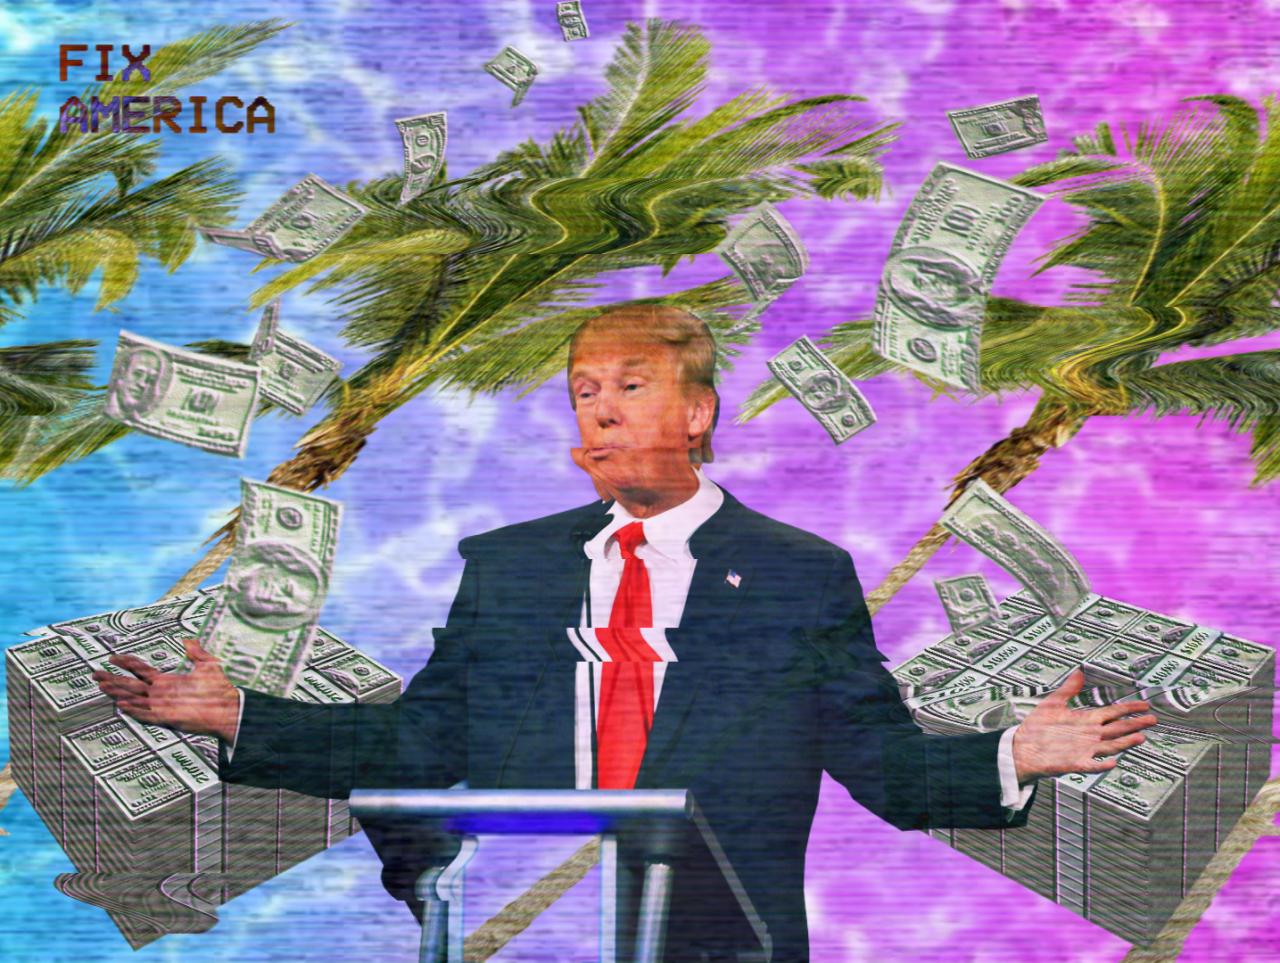 Trump úgy csinálhat pénzt az elnöki hivatalból, ahogy csak akar